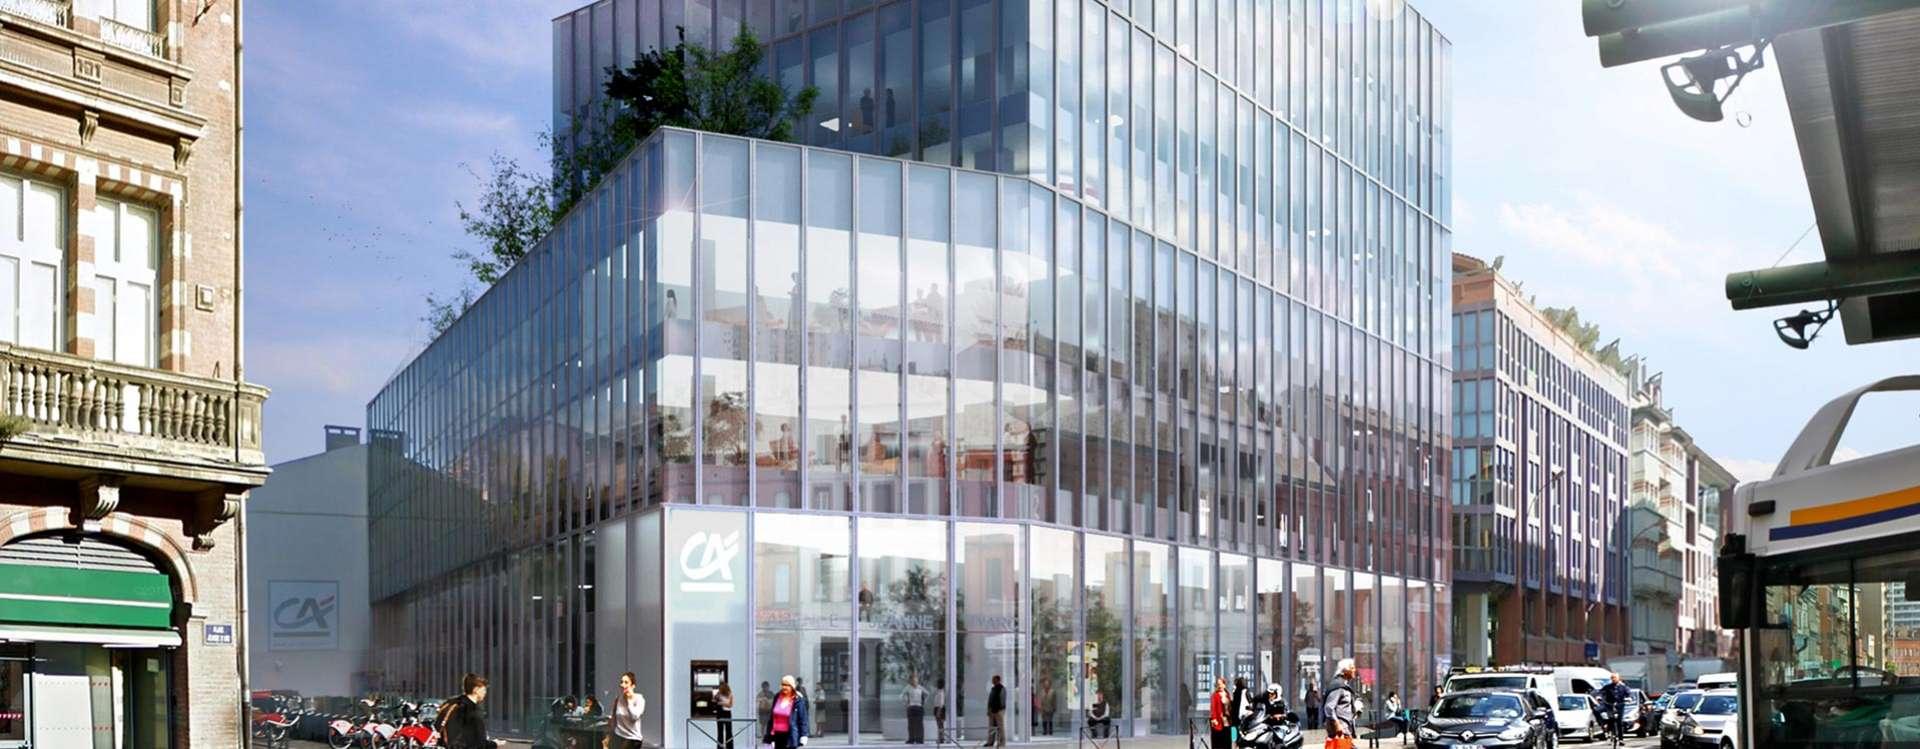 GA réalise la rénovation du siège social du Crédit Agricole à Toulouse